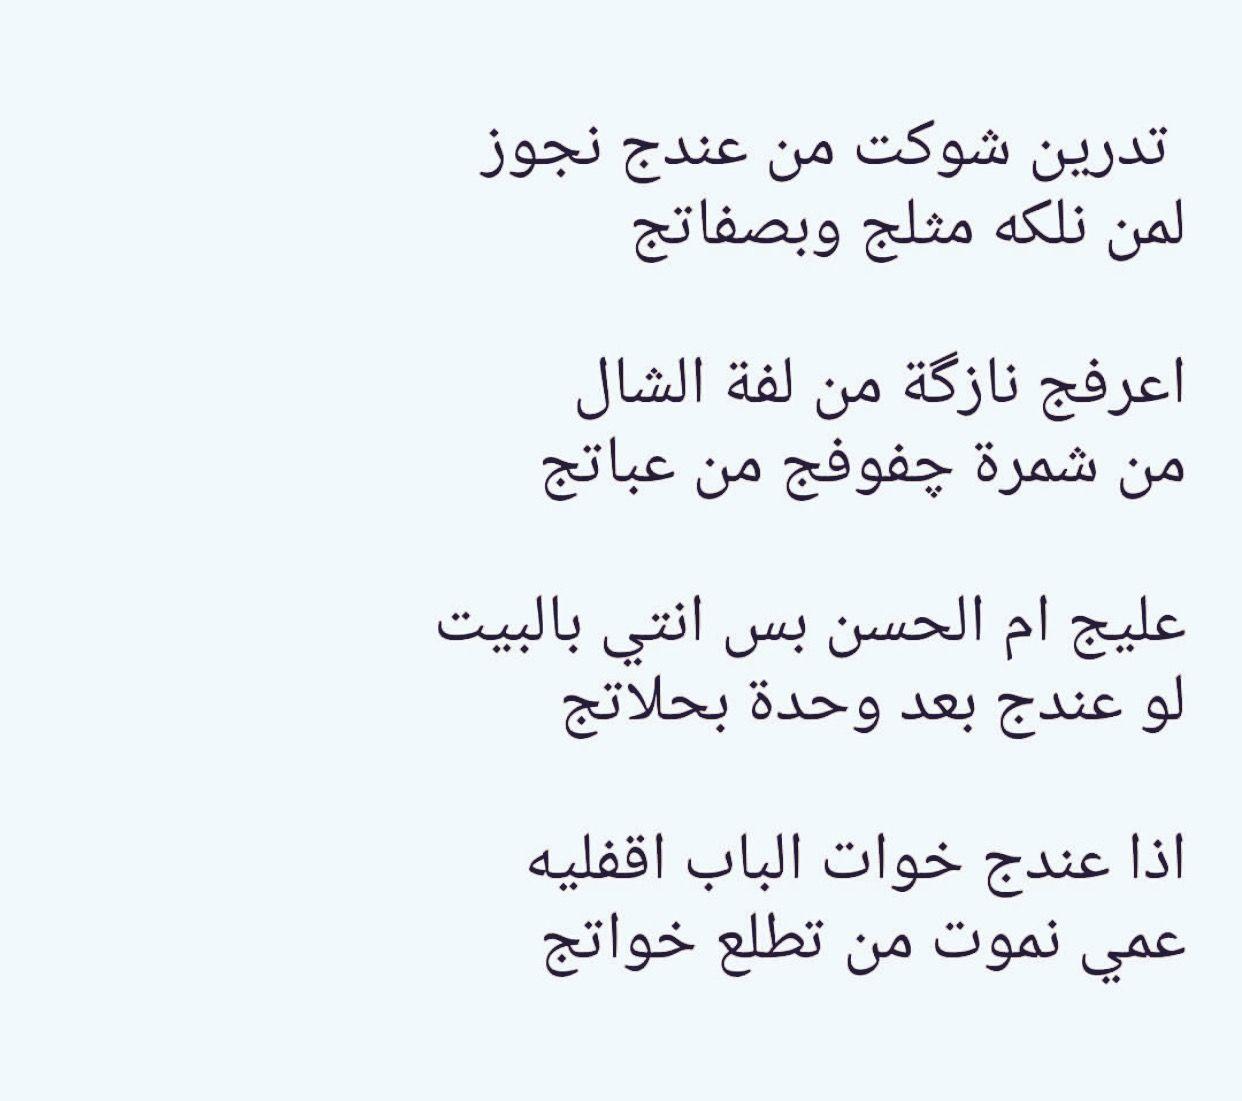 شعر حب قصير عراقي اجمل الاشعار العراقيه الرومانسيه بالصور غرور وكبرياء